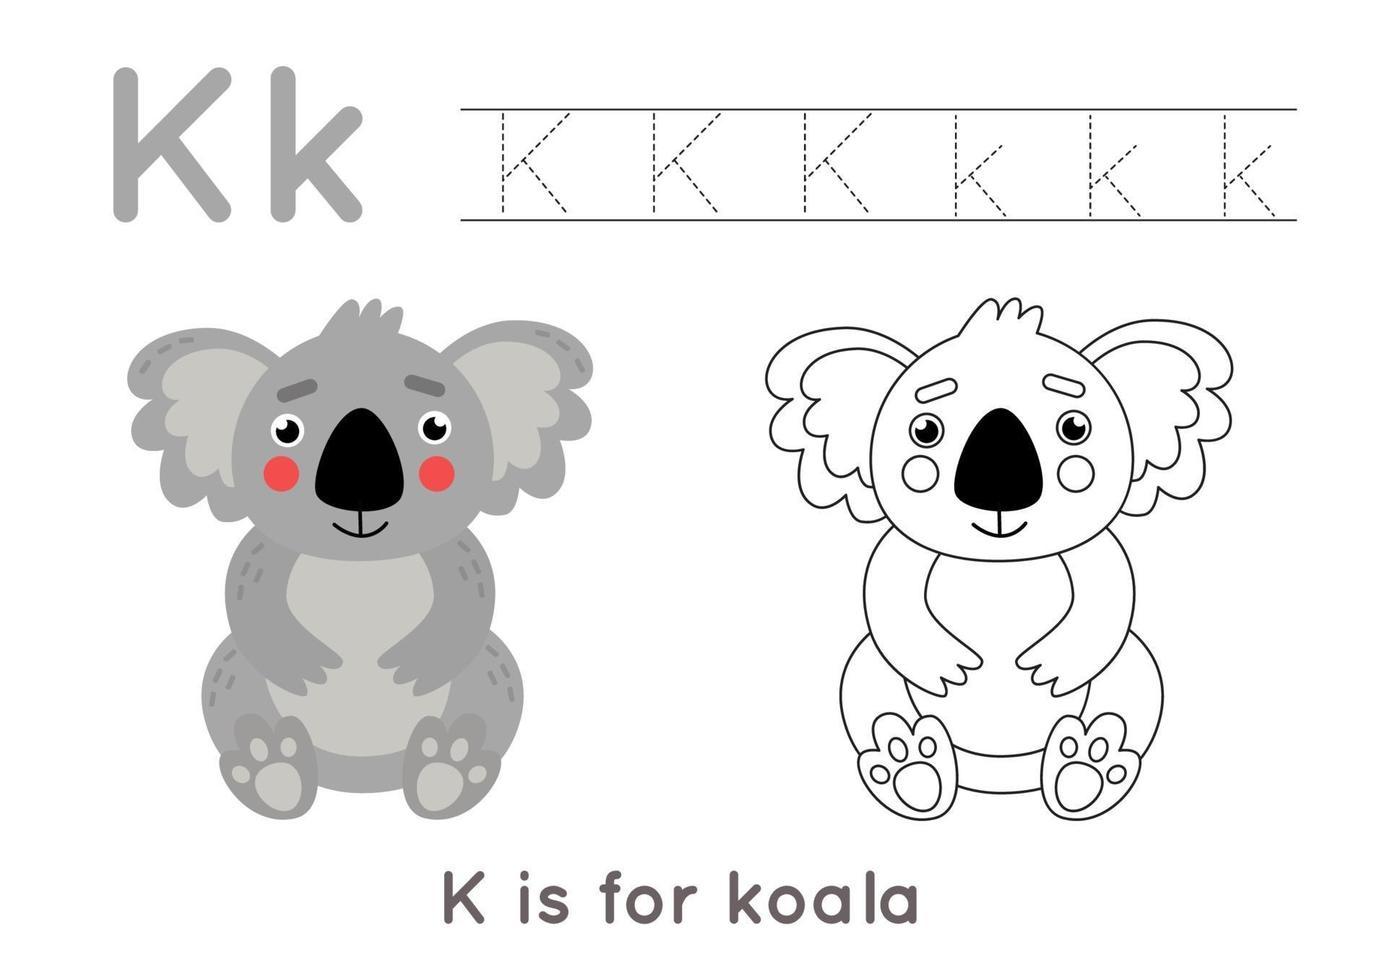 färg- och spårningssida med bokstaven k och söt tecknad koala. vektor